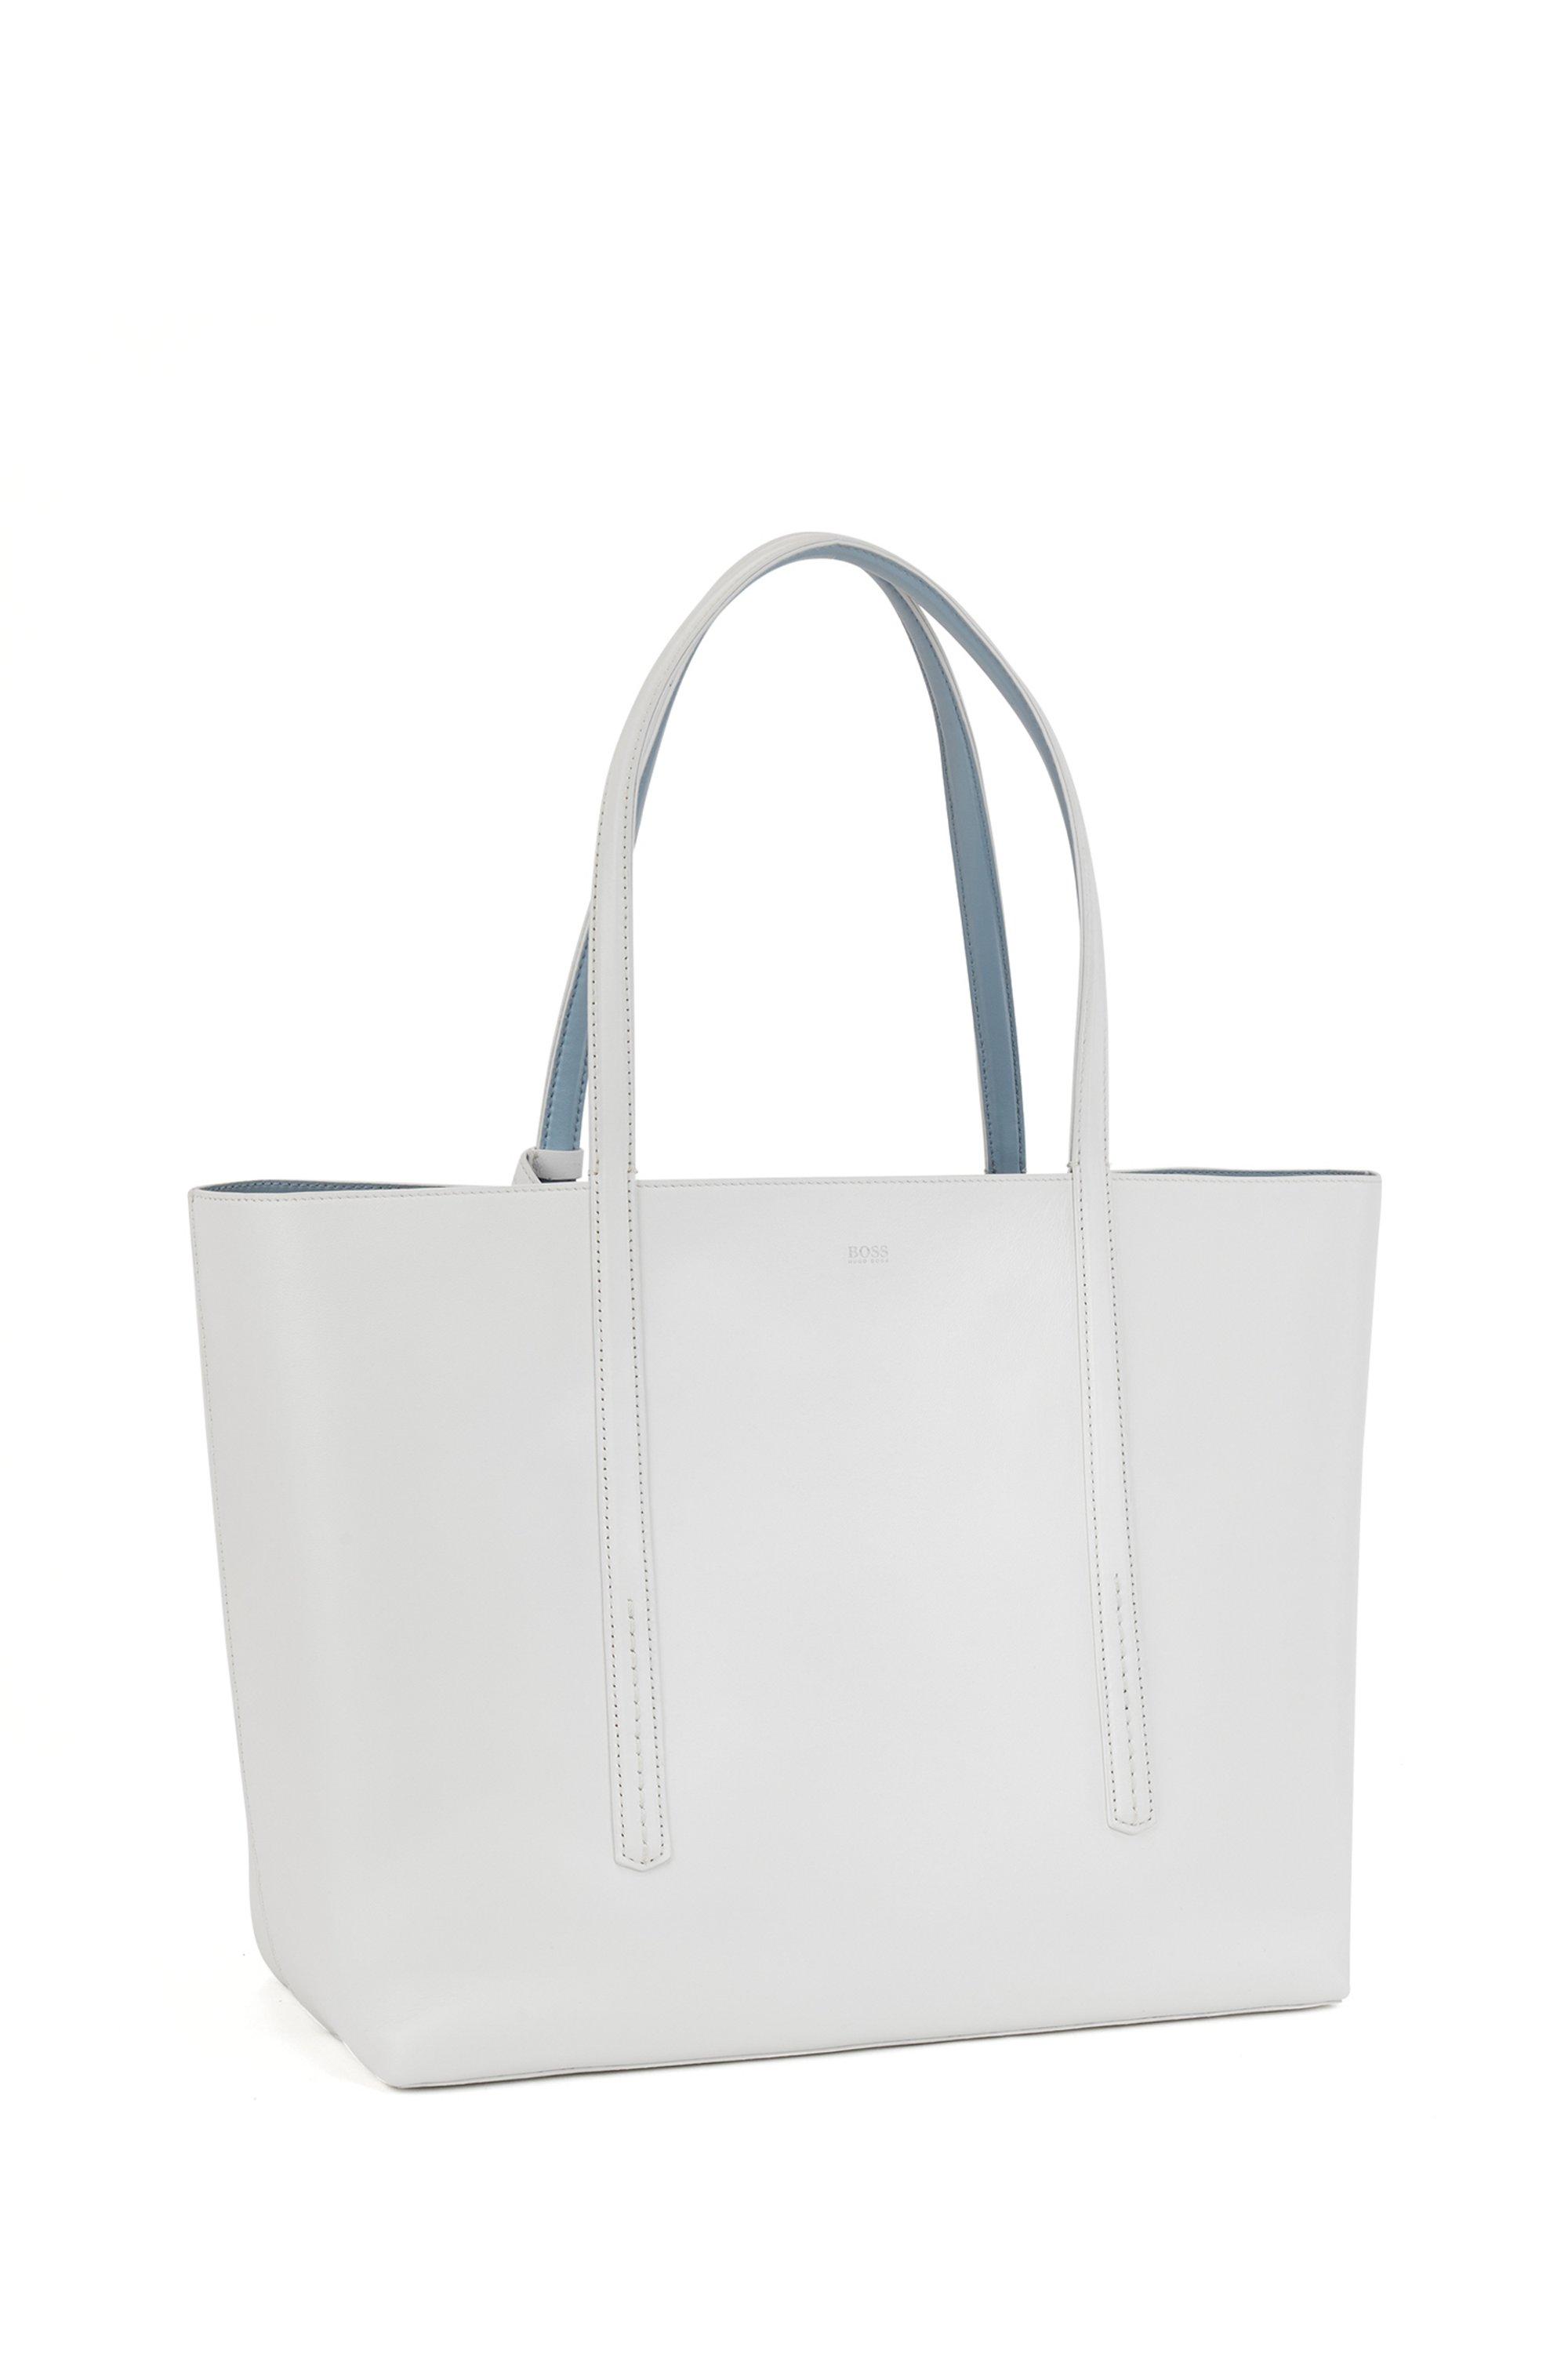 Wende-Shopper aus Nappaleder mit Logo-Pouch, Weiß